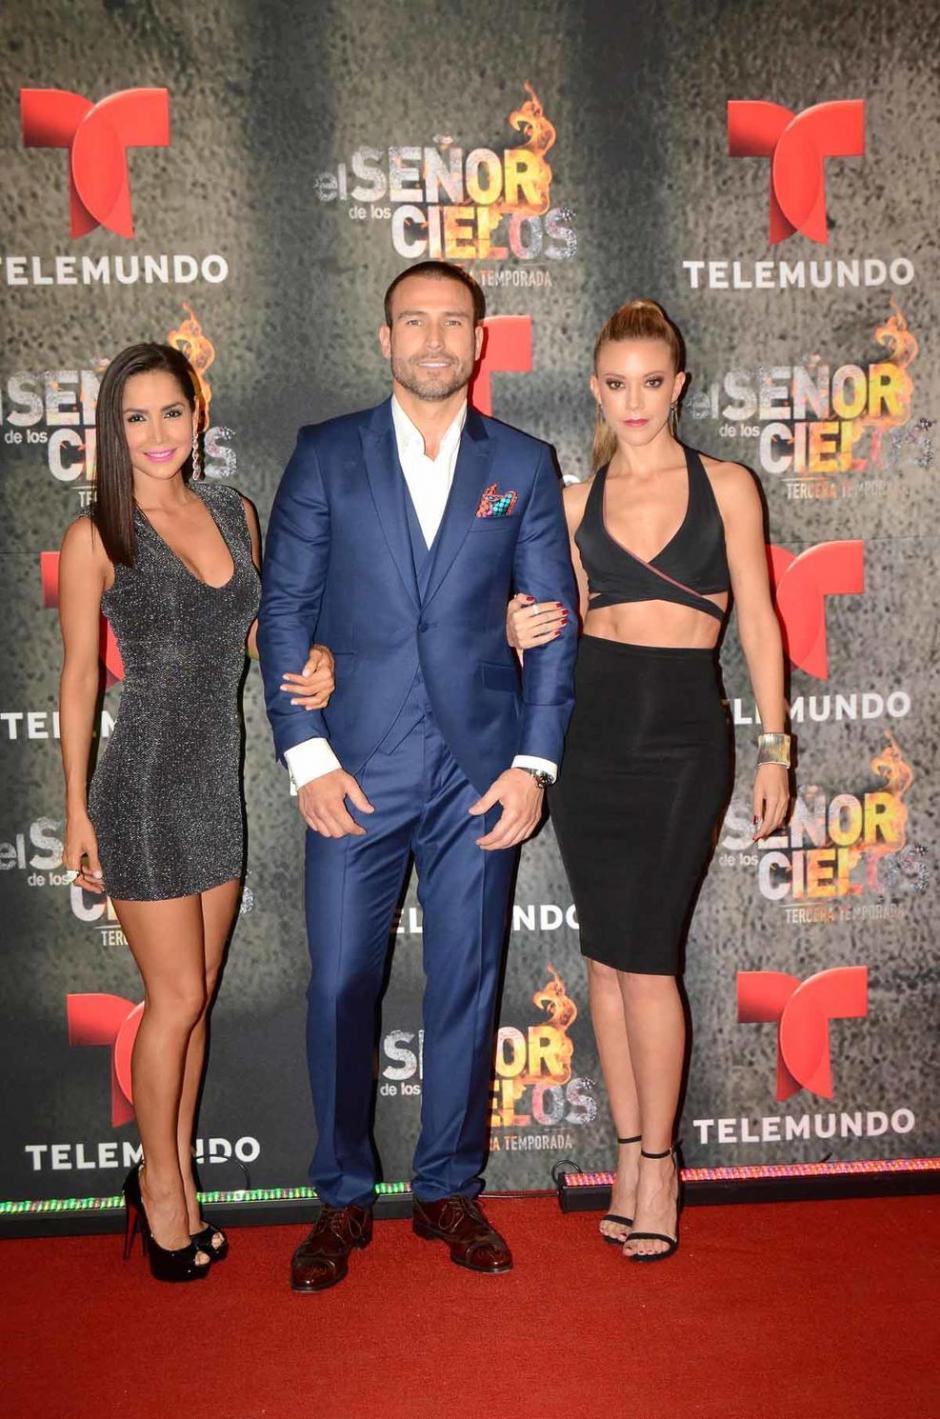 Carmen Villalobos y Rafael Amaya son sus compañeros. (Foto: Telemundo)